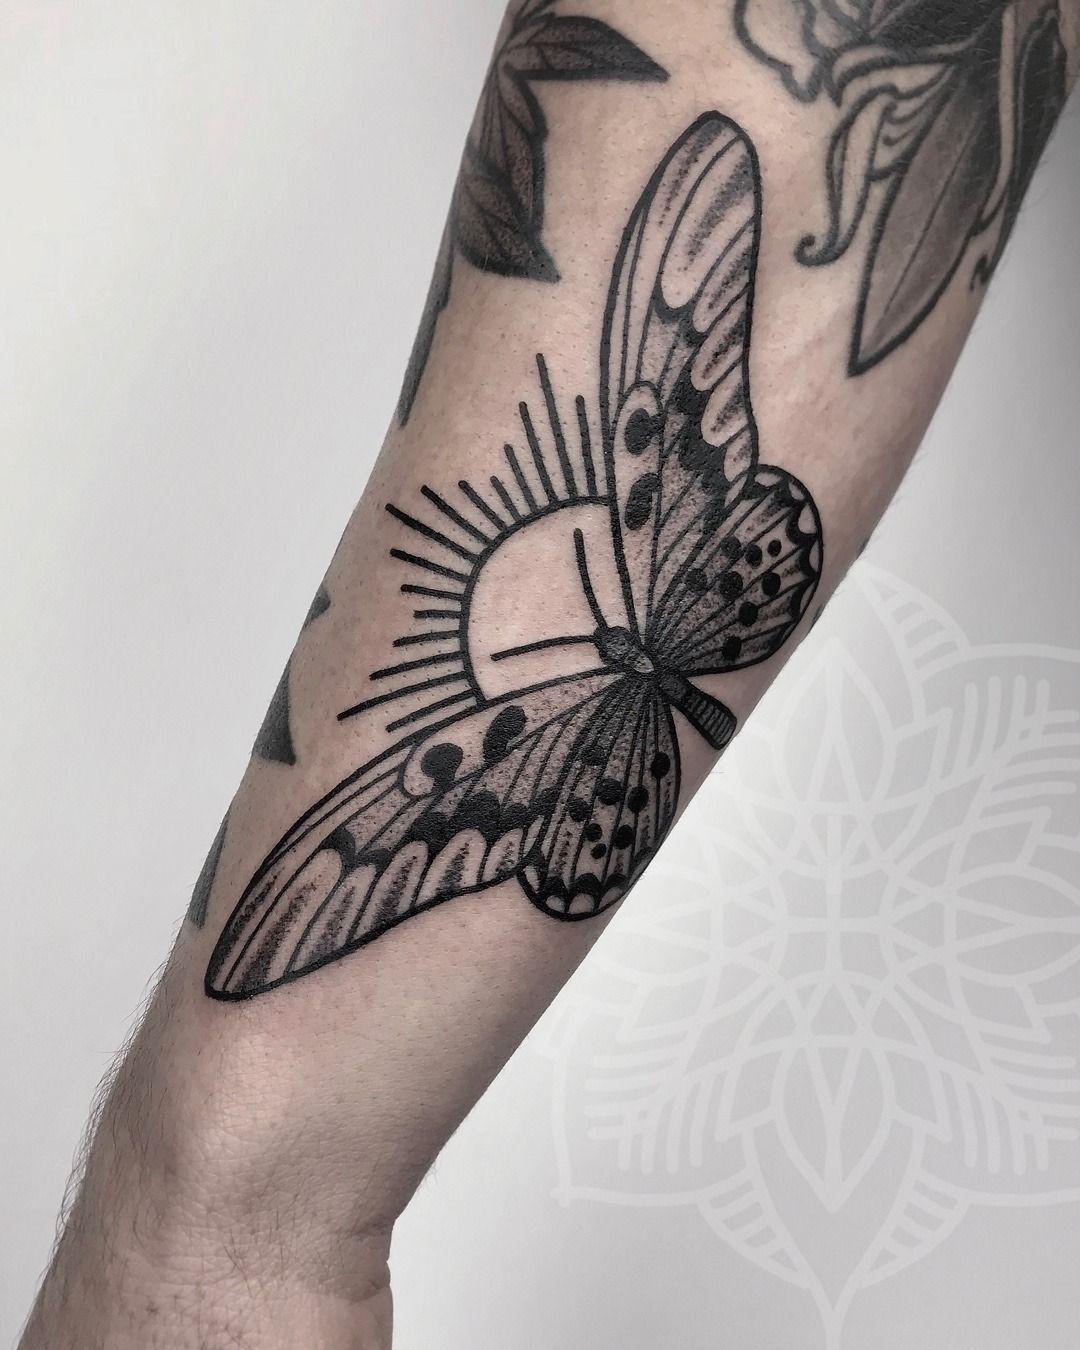 640e4a740 Butterfly Sun Tattoo Artist: sarah herzdame tilldth New York ...